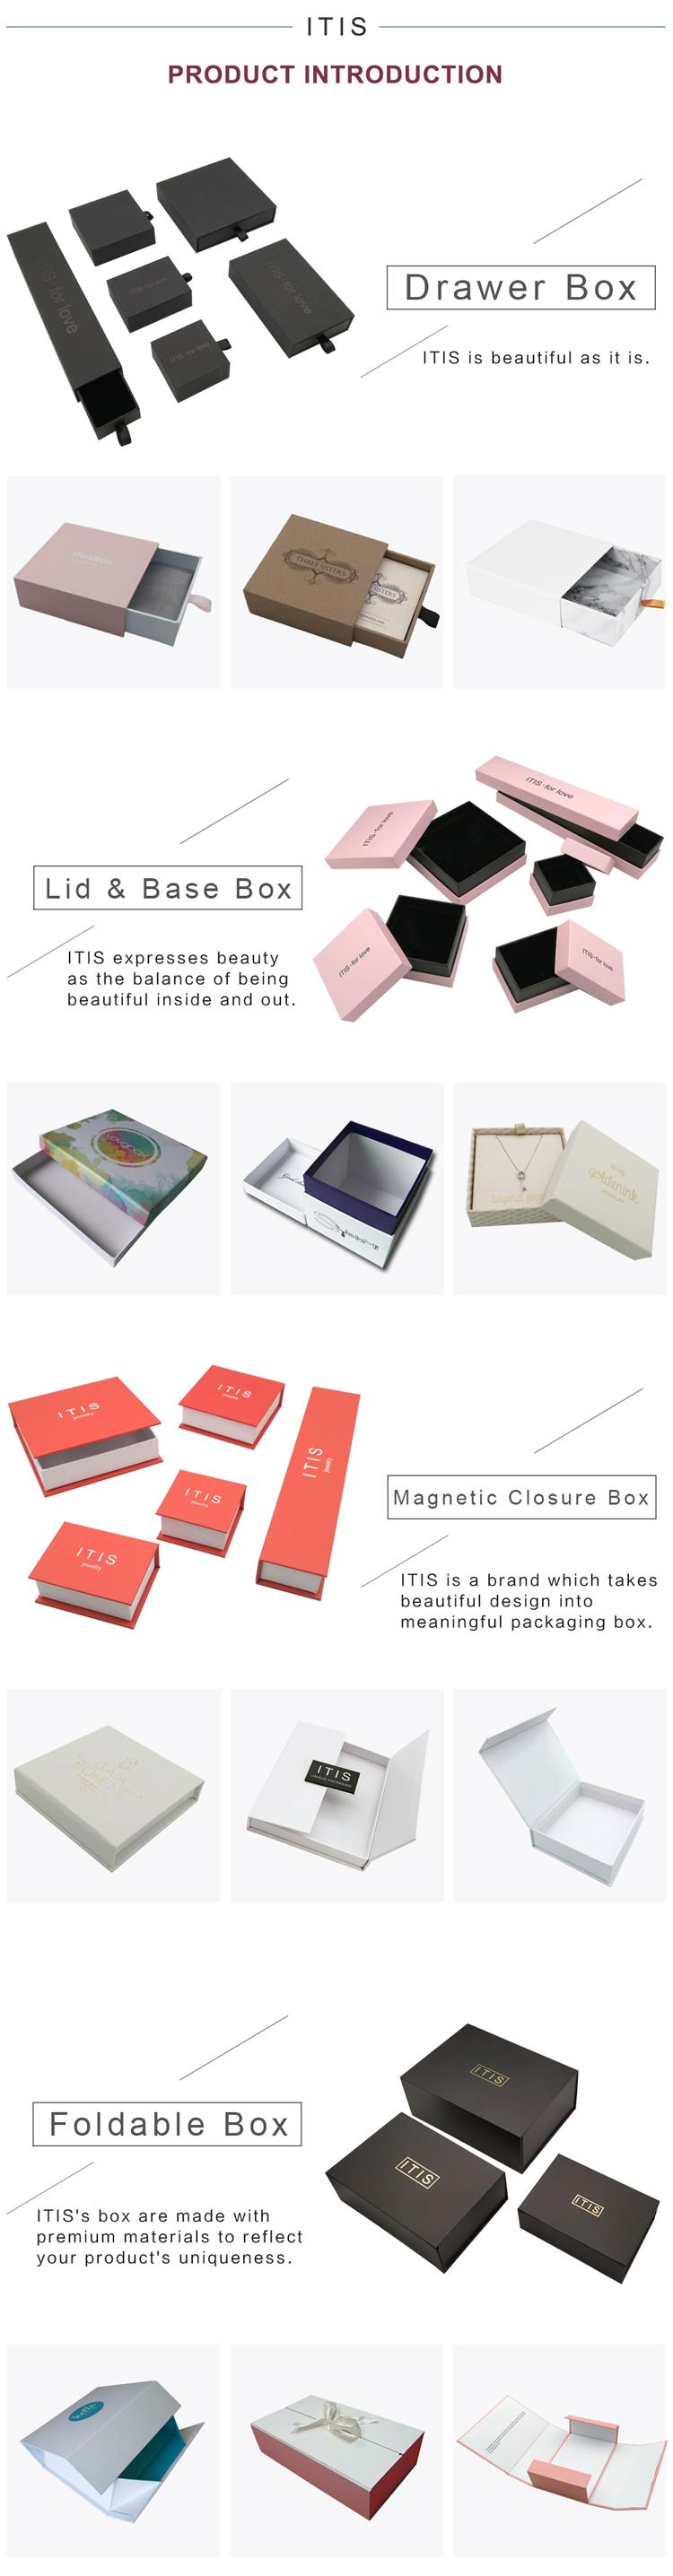 White-Magnetic-Box.jpg